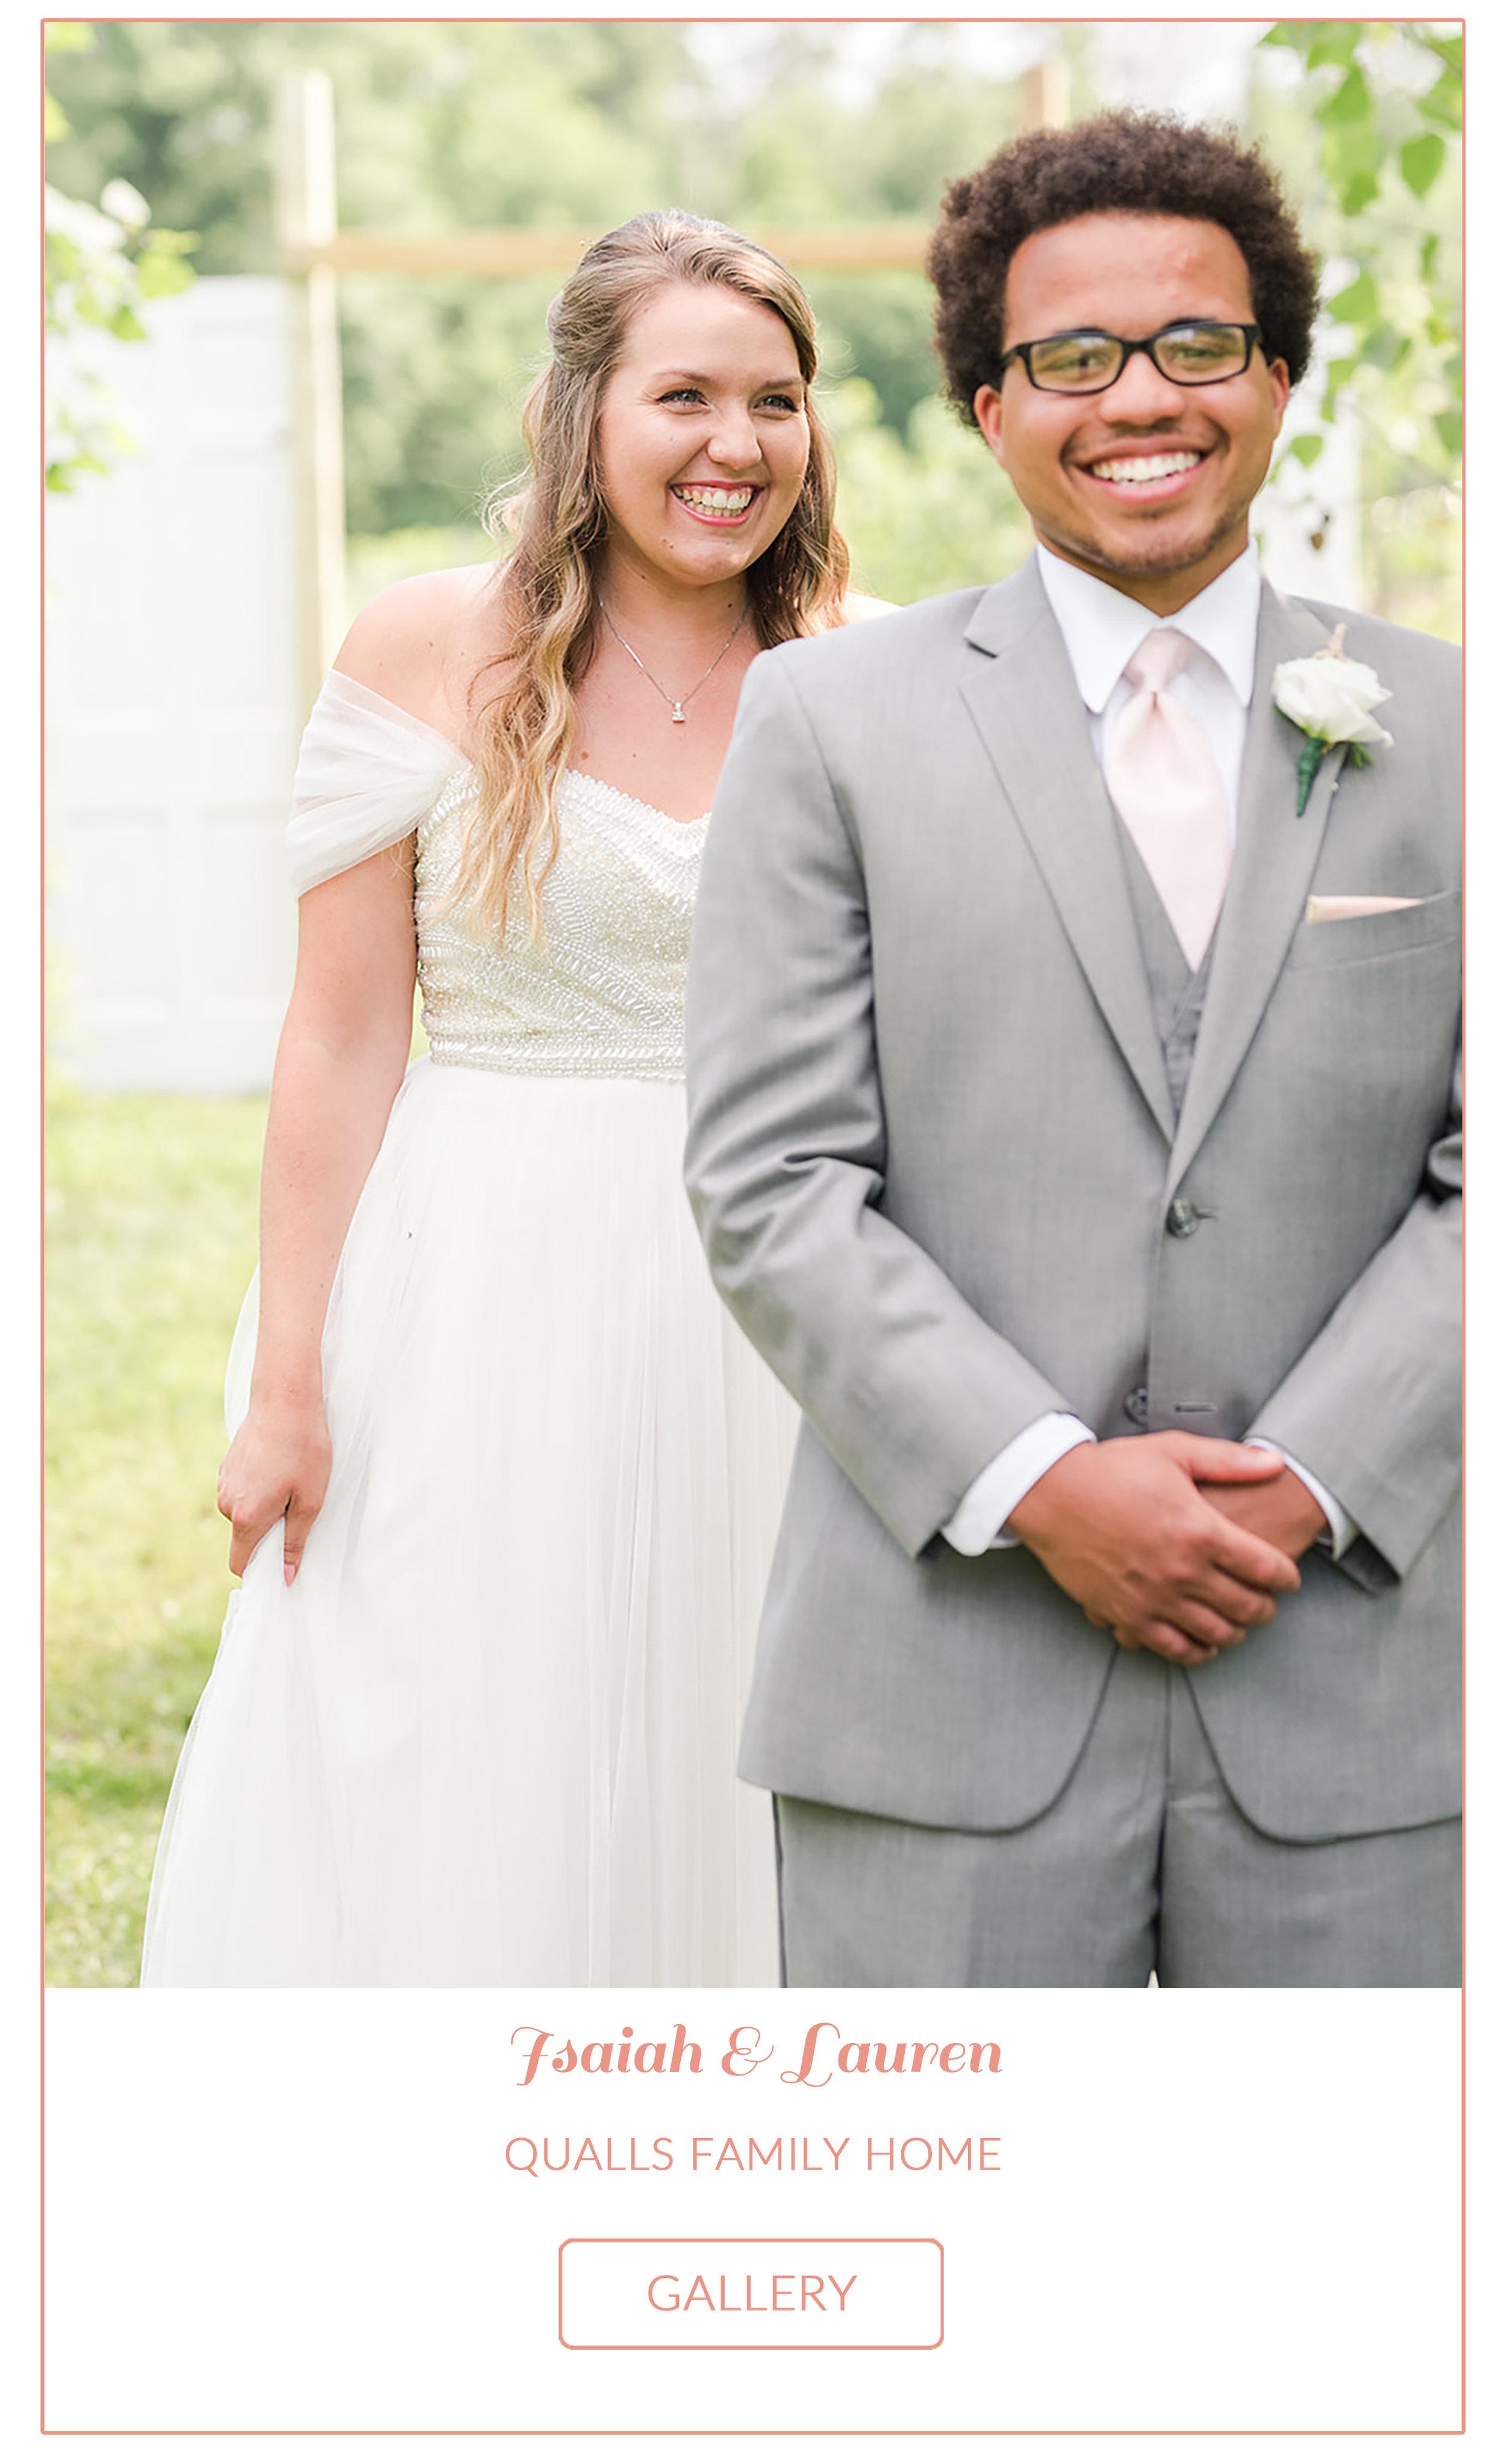 Lauren & Isaiah-GALLERY PICTURE.jpg